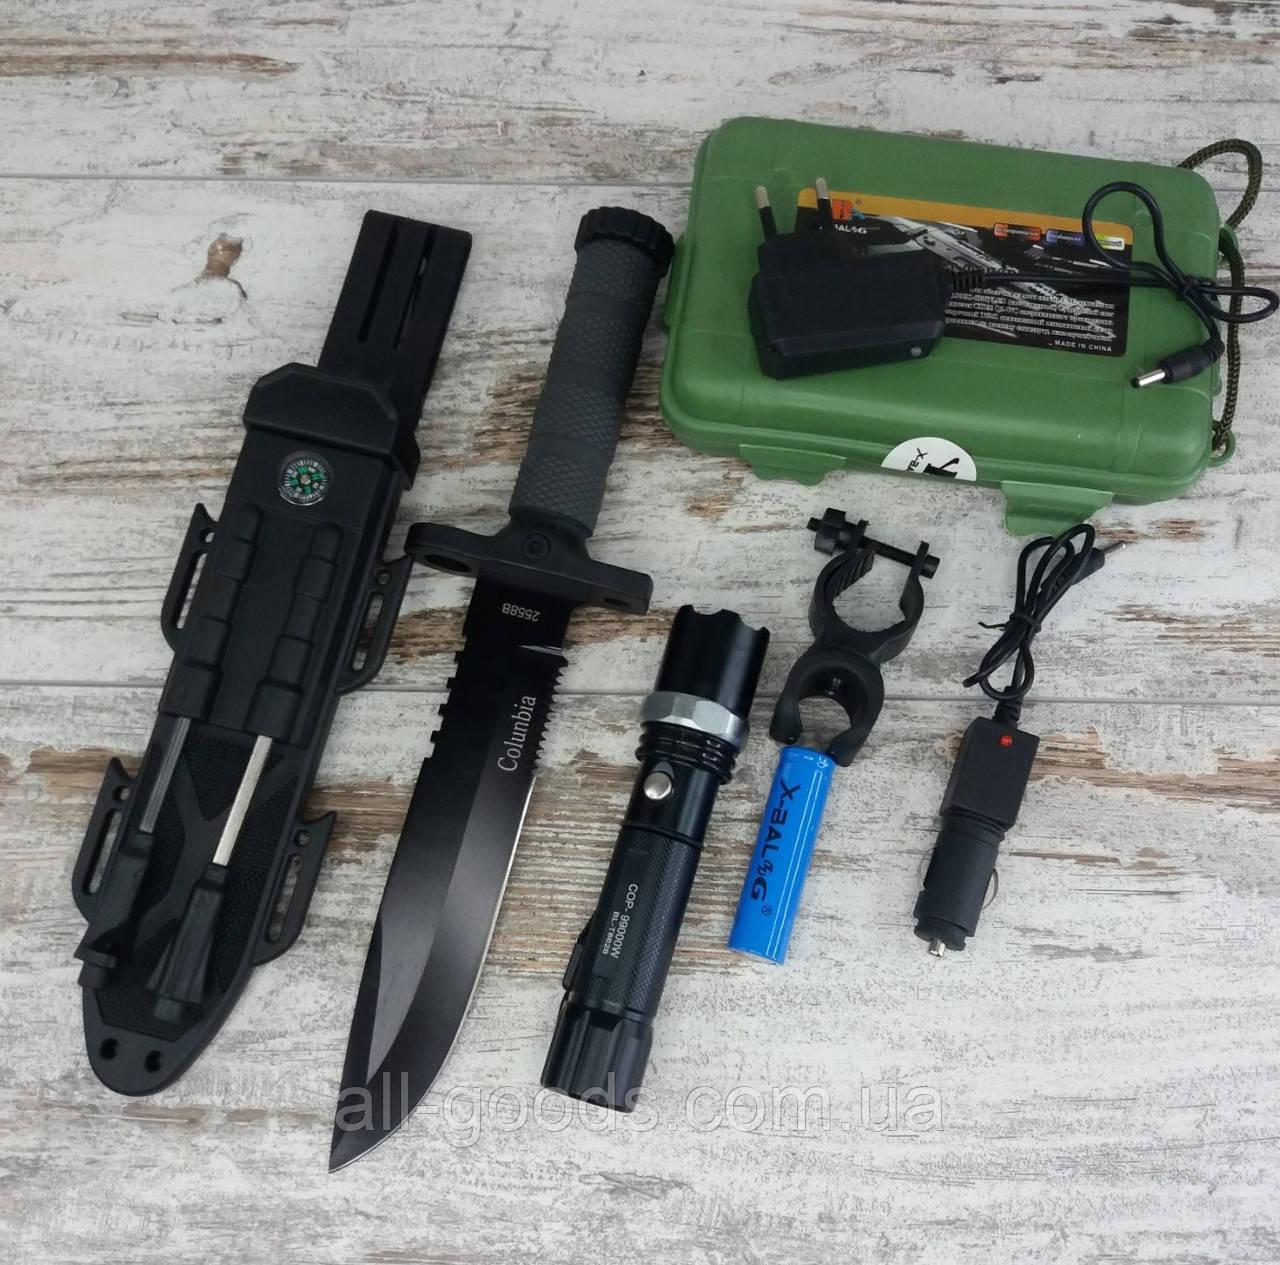 Фонарь X-Balog в комплекте с охотничьим ножом COLUNBIA, ручной аккумуляторный фонарик и нож для туризма